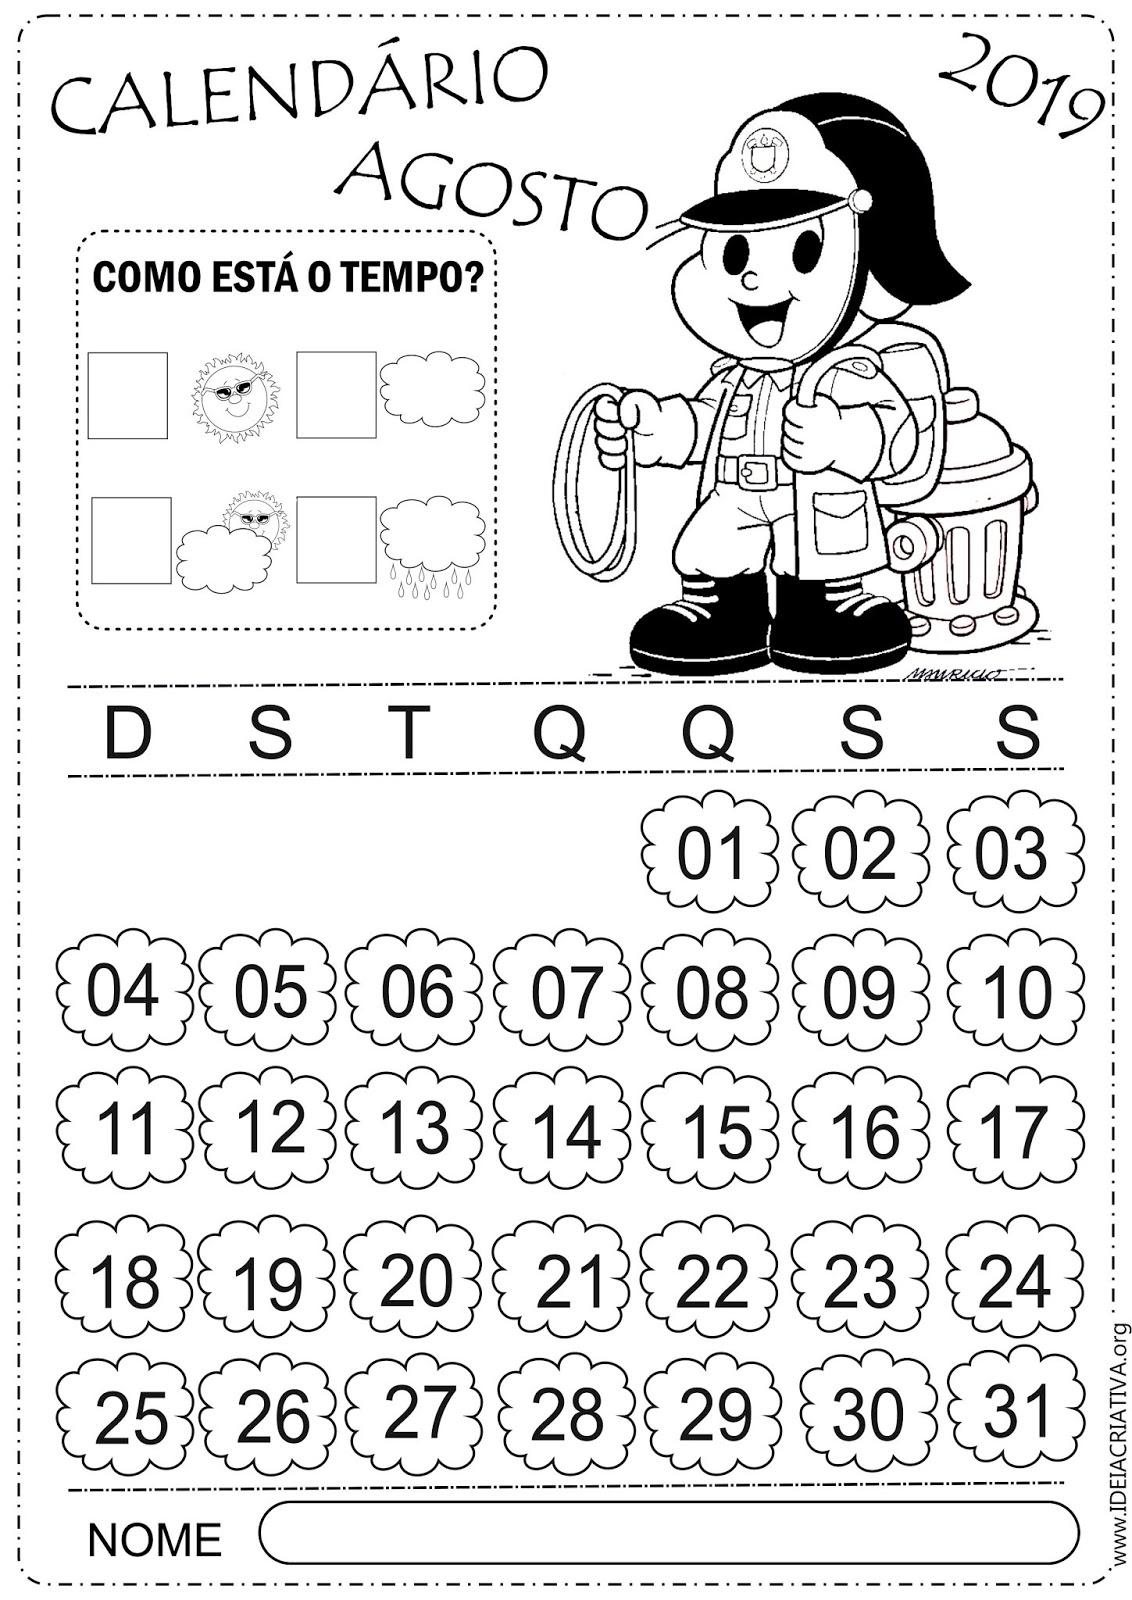 Calendario De Agosto 2019 Para Imprimir.Calendarios Agosto Turma Da Monica Para Colorir E Imprimir